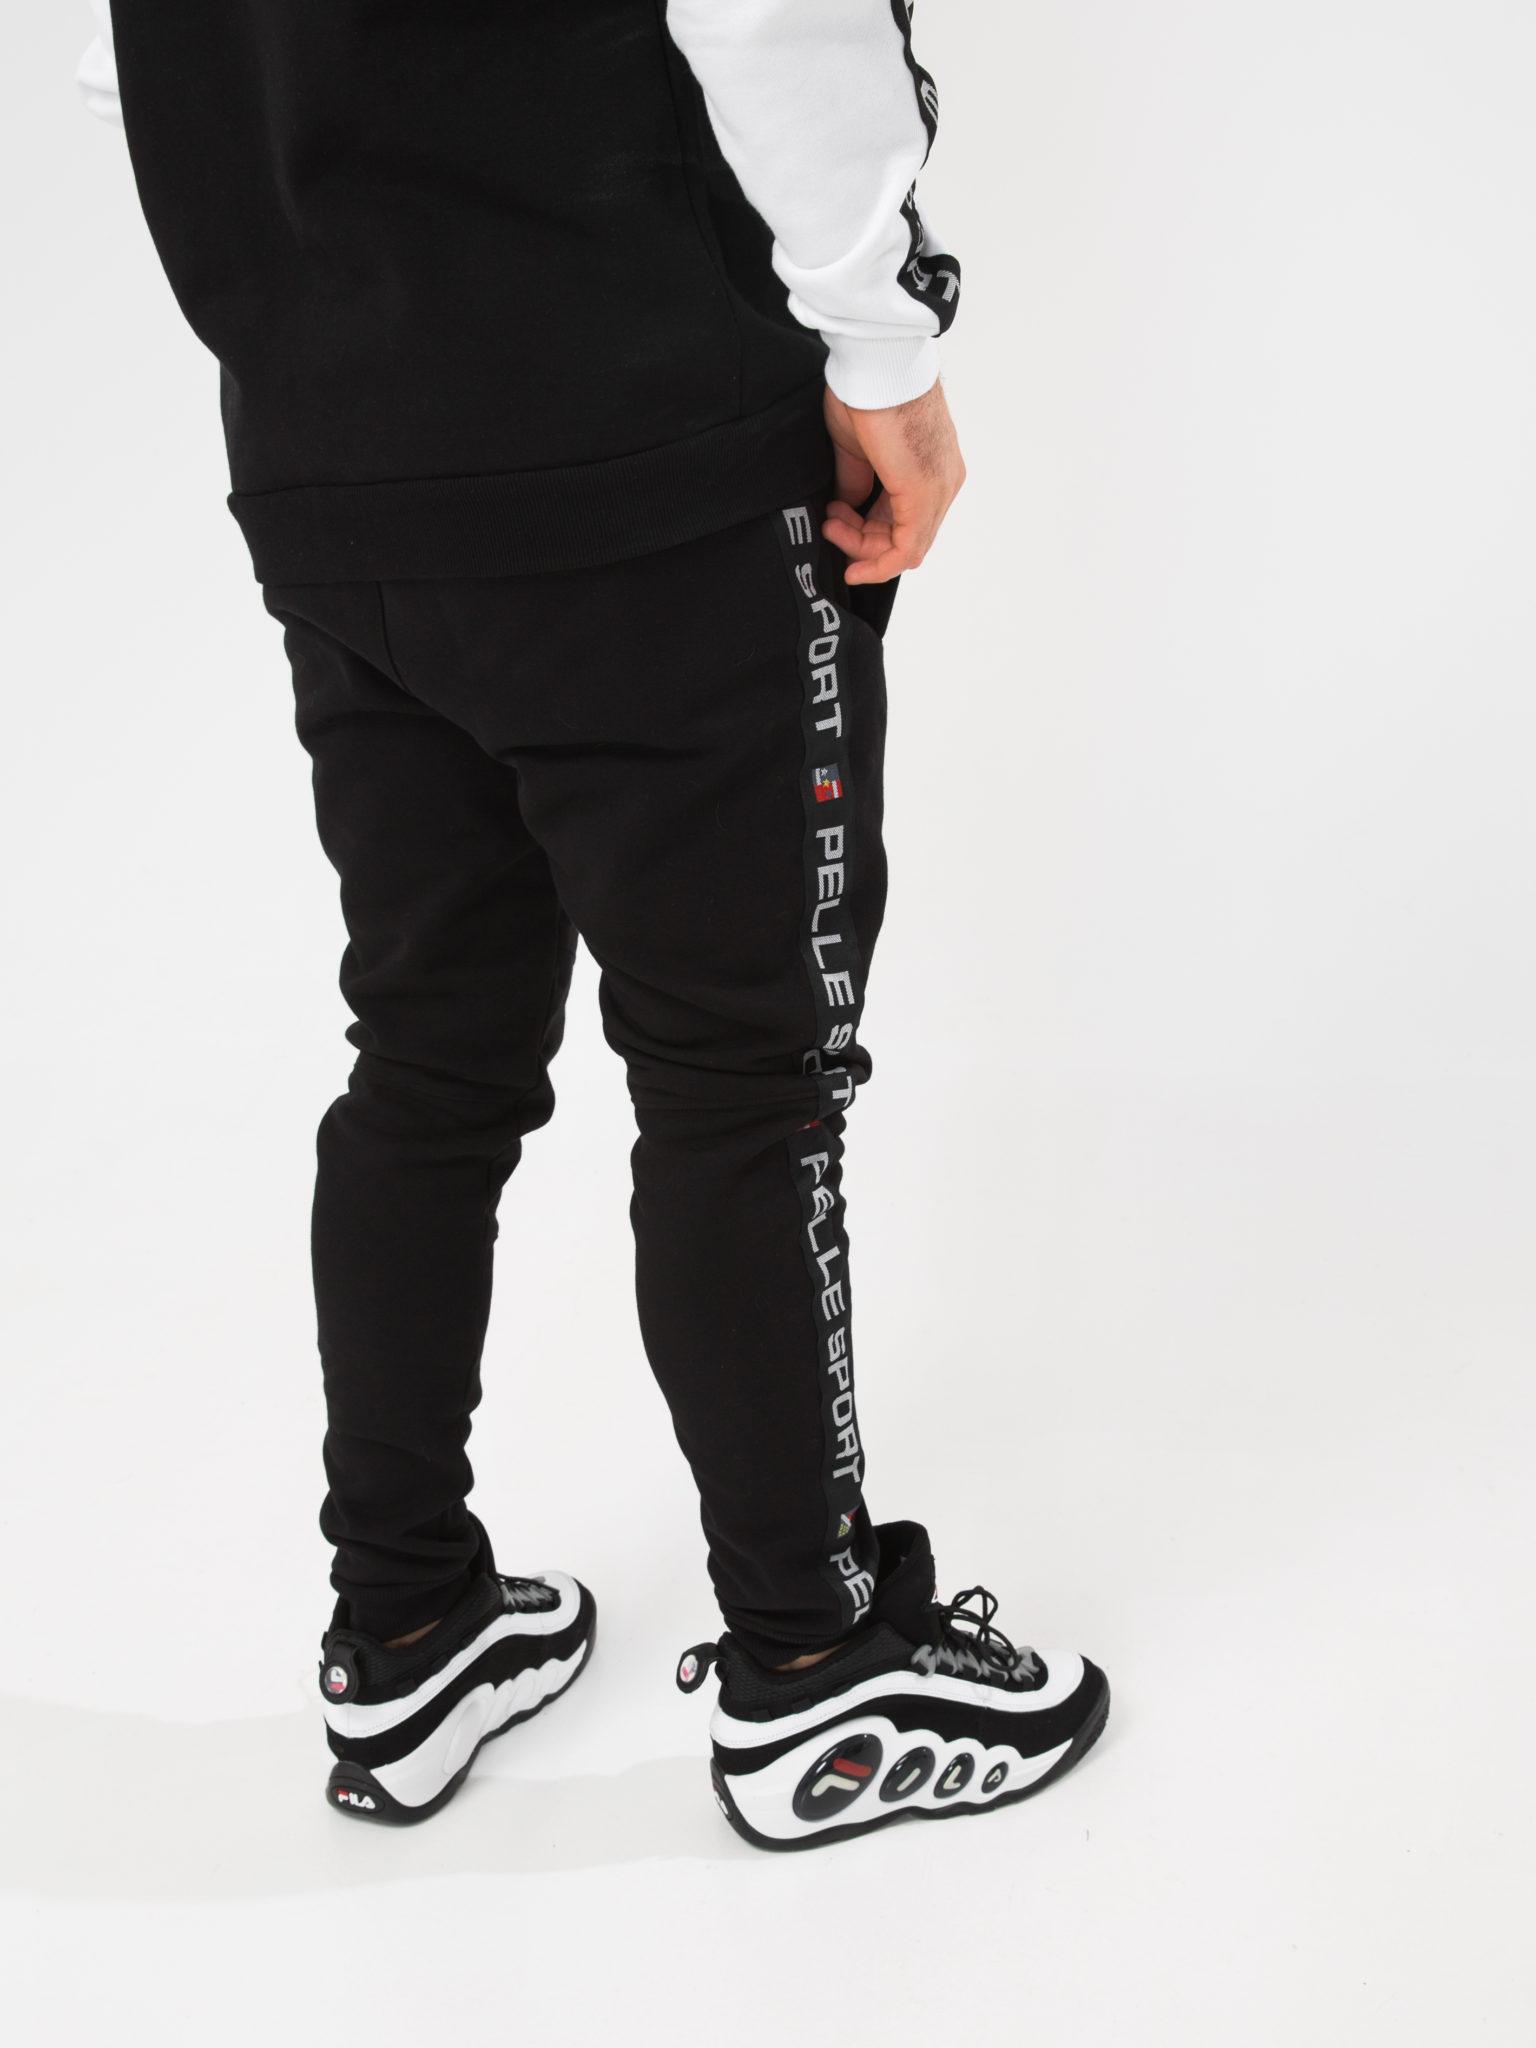 Мужские спортивные штаны PELLE PELLE VINTAGE SPORTS SWEATPANT